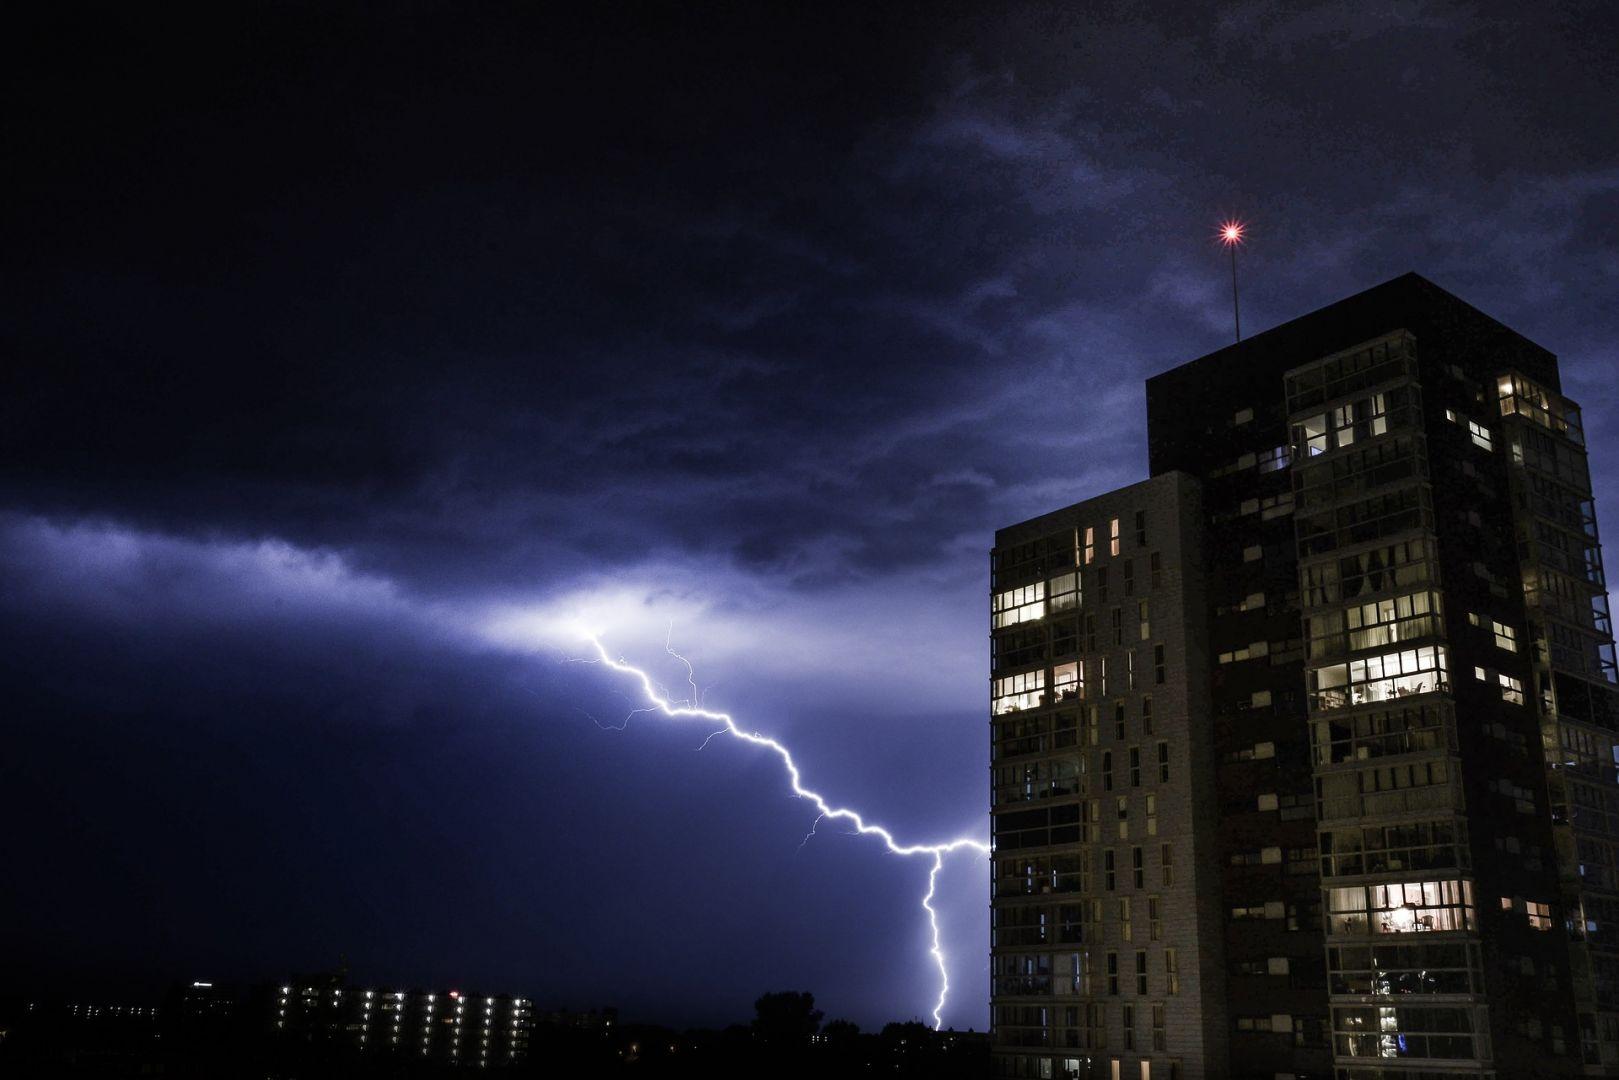 ВЧелябинской области ожидаются дожди сградом